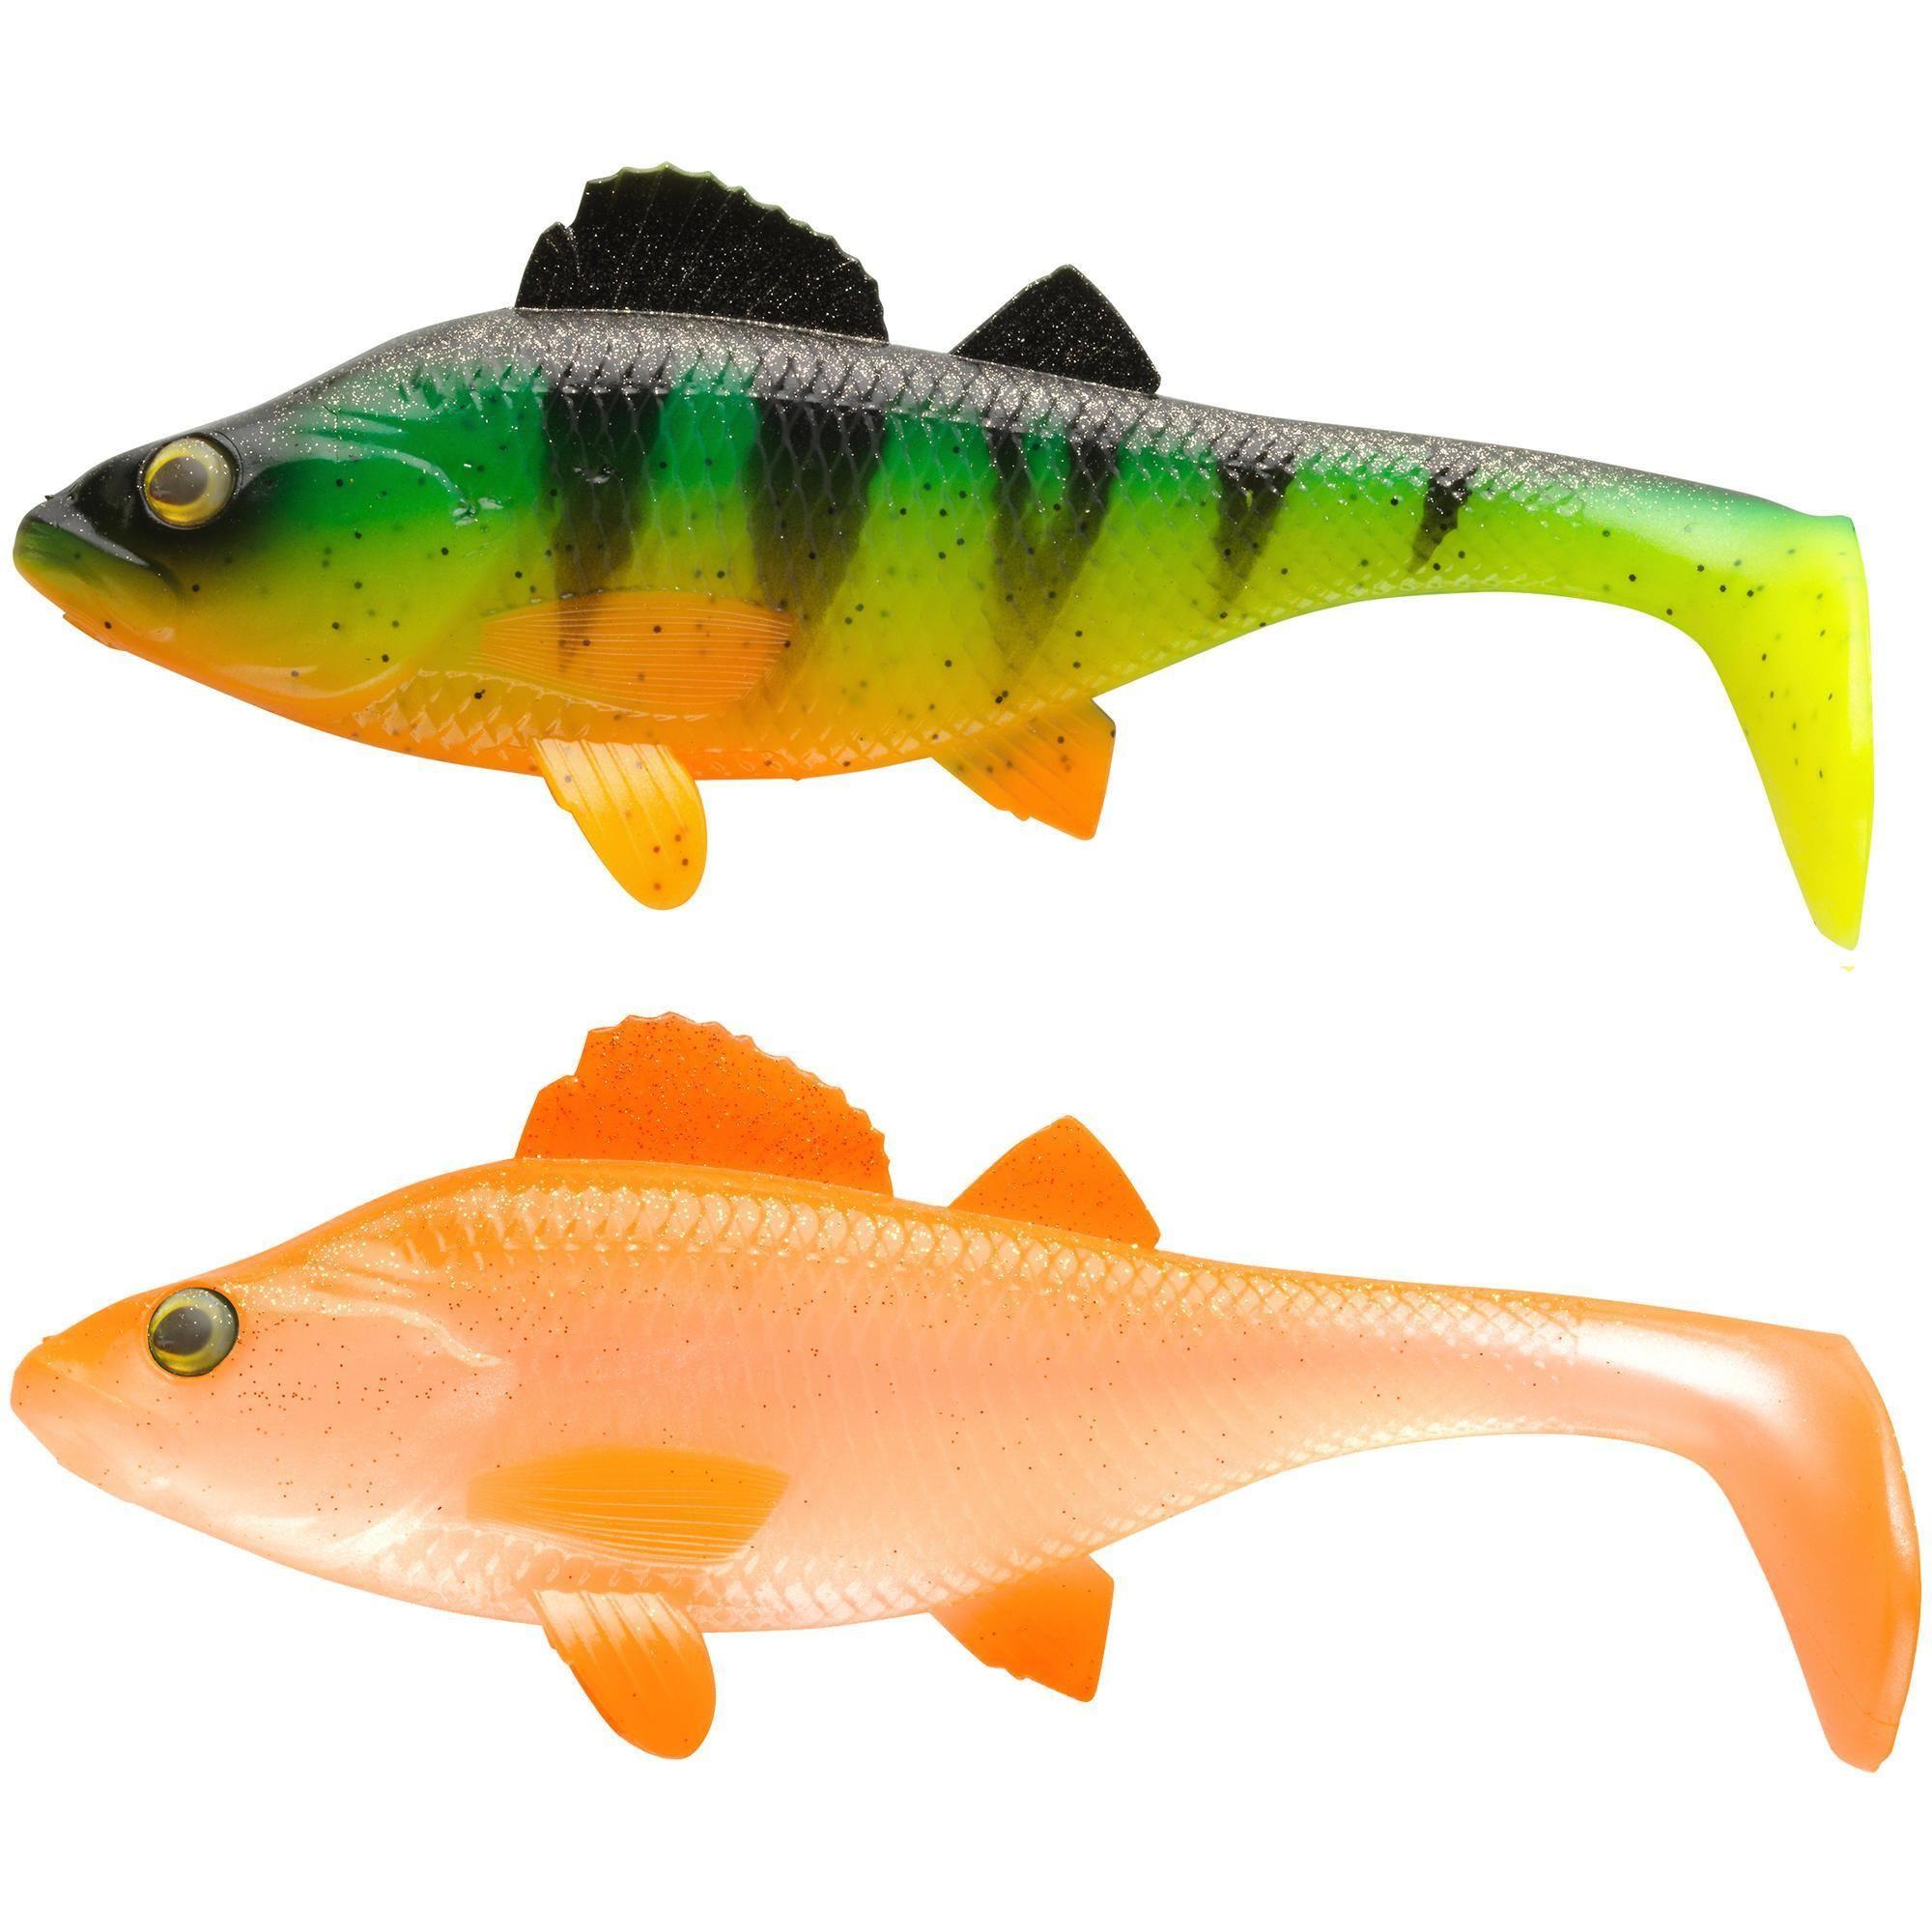 Caperlan - Hengelsport - Softbaits - Softbait shad voor kunstaasvissen Set Perch 170 baars/naturel. Onze ontwerpers, zelf fervente hengelaars, hebben deze shad ontwikkeld voor het vissen op roofvis in zoet water.